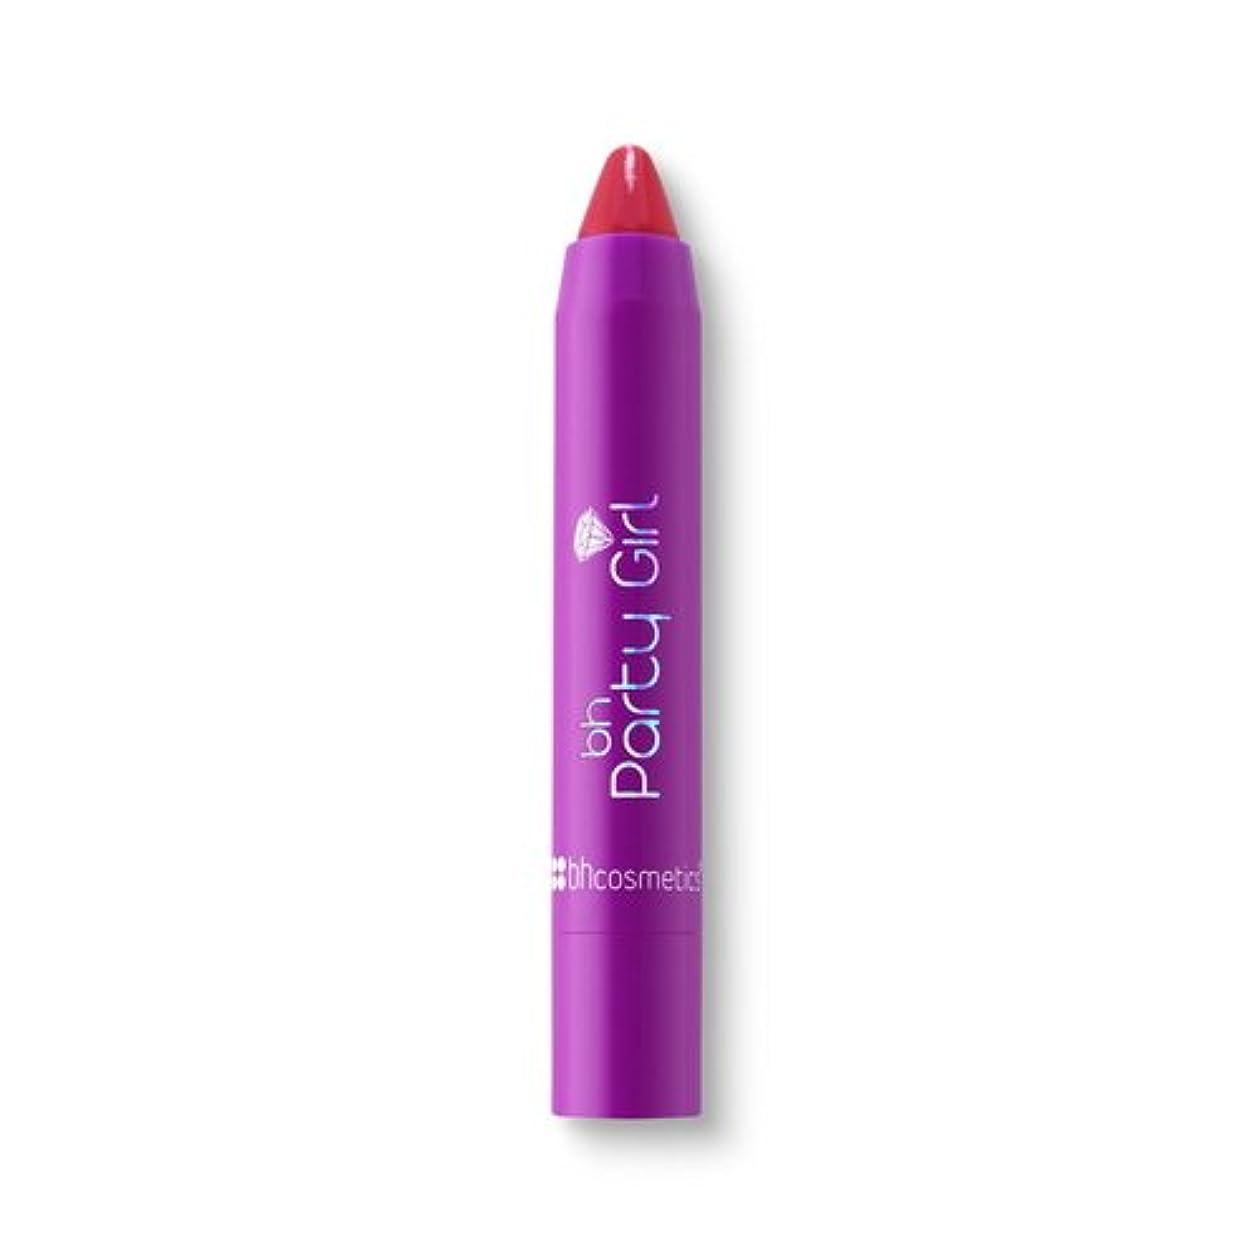 集団プラスチック世代(3 Pack) BH Cosmetics Party Girl Twist Moisturizing Balm Stick - Curfew (並行輸入品)